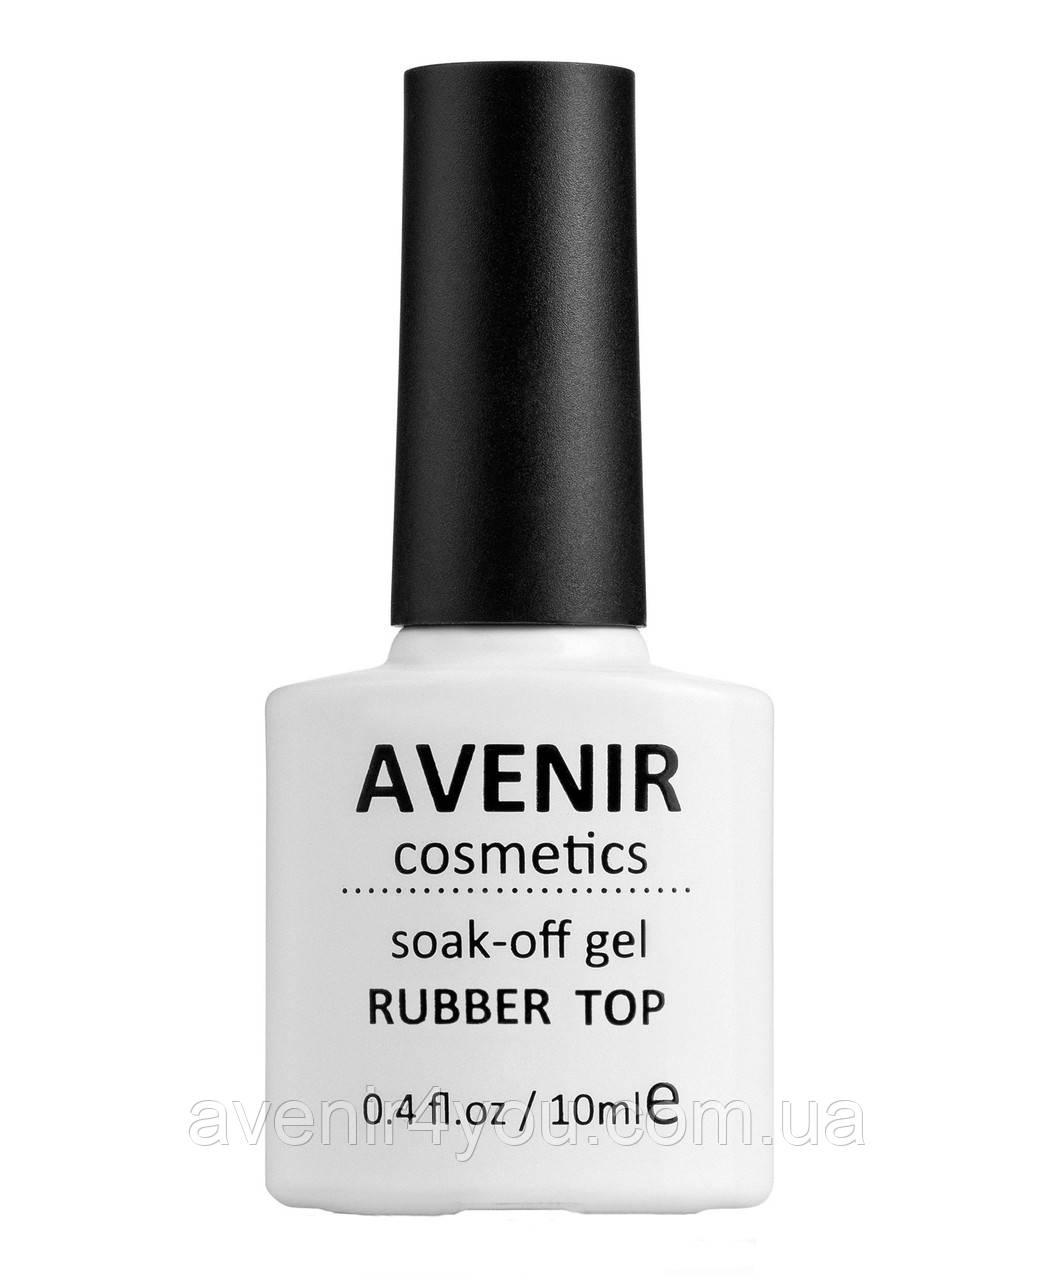 Каучуковий топ гель для лаку Rubber Top Avenir Cosmetics